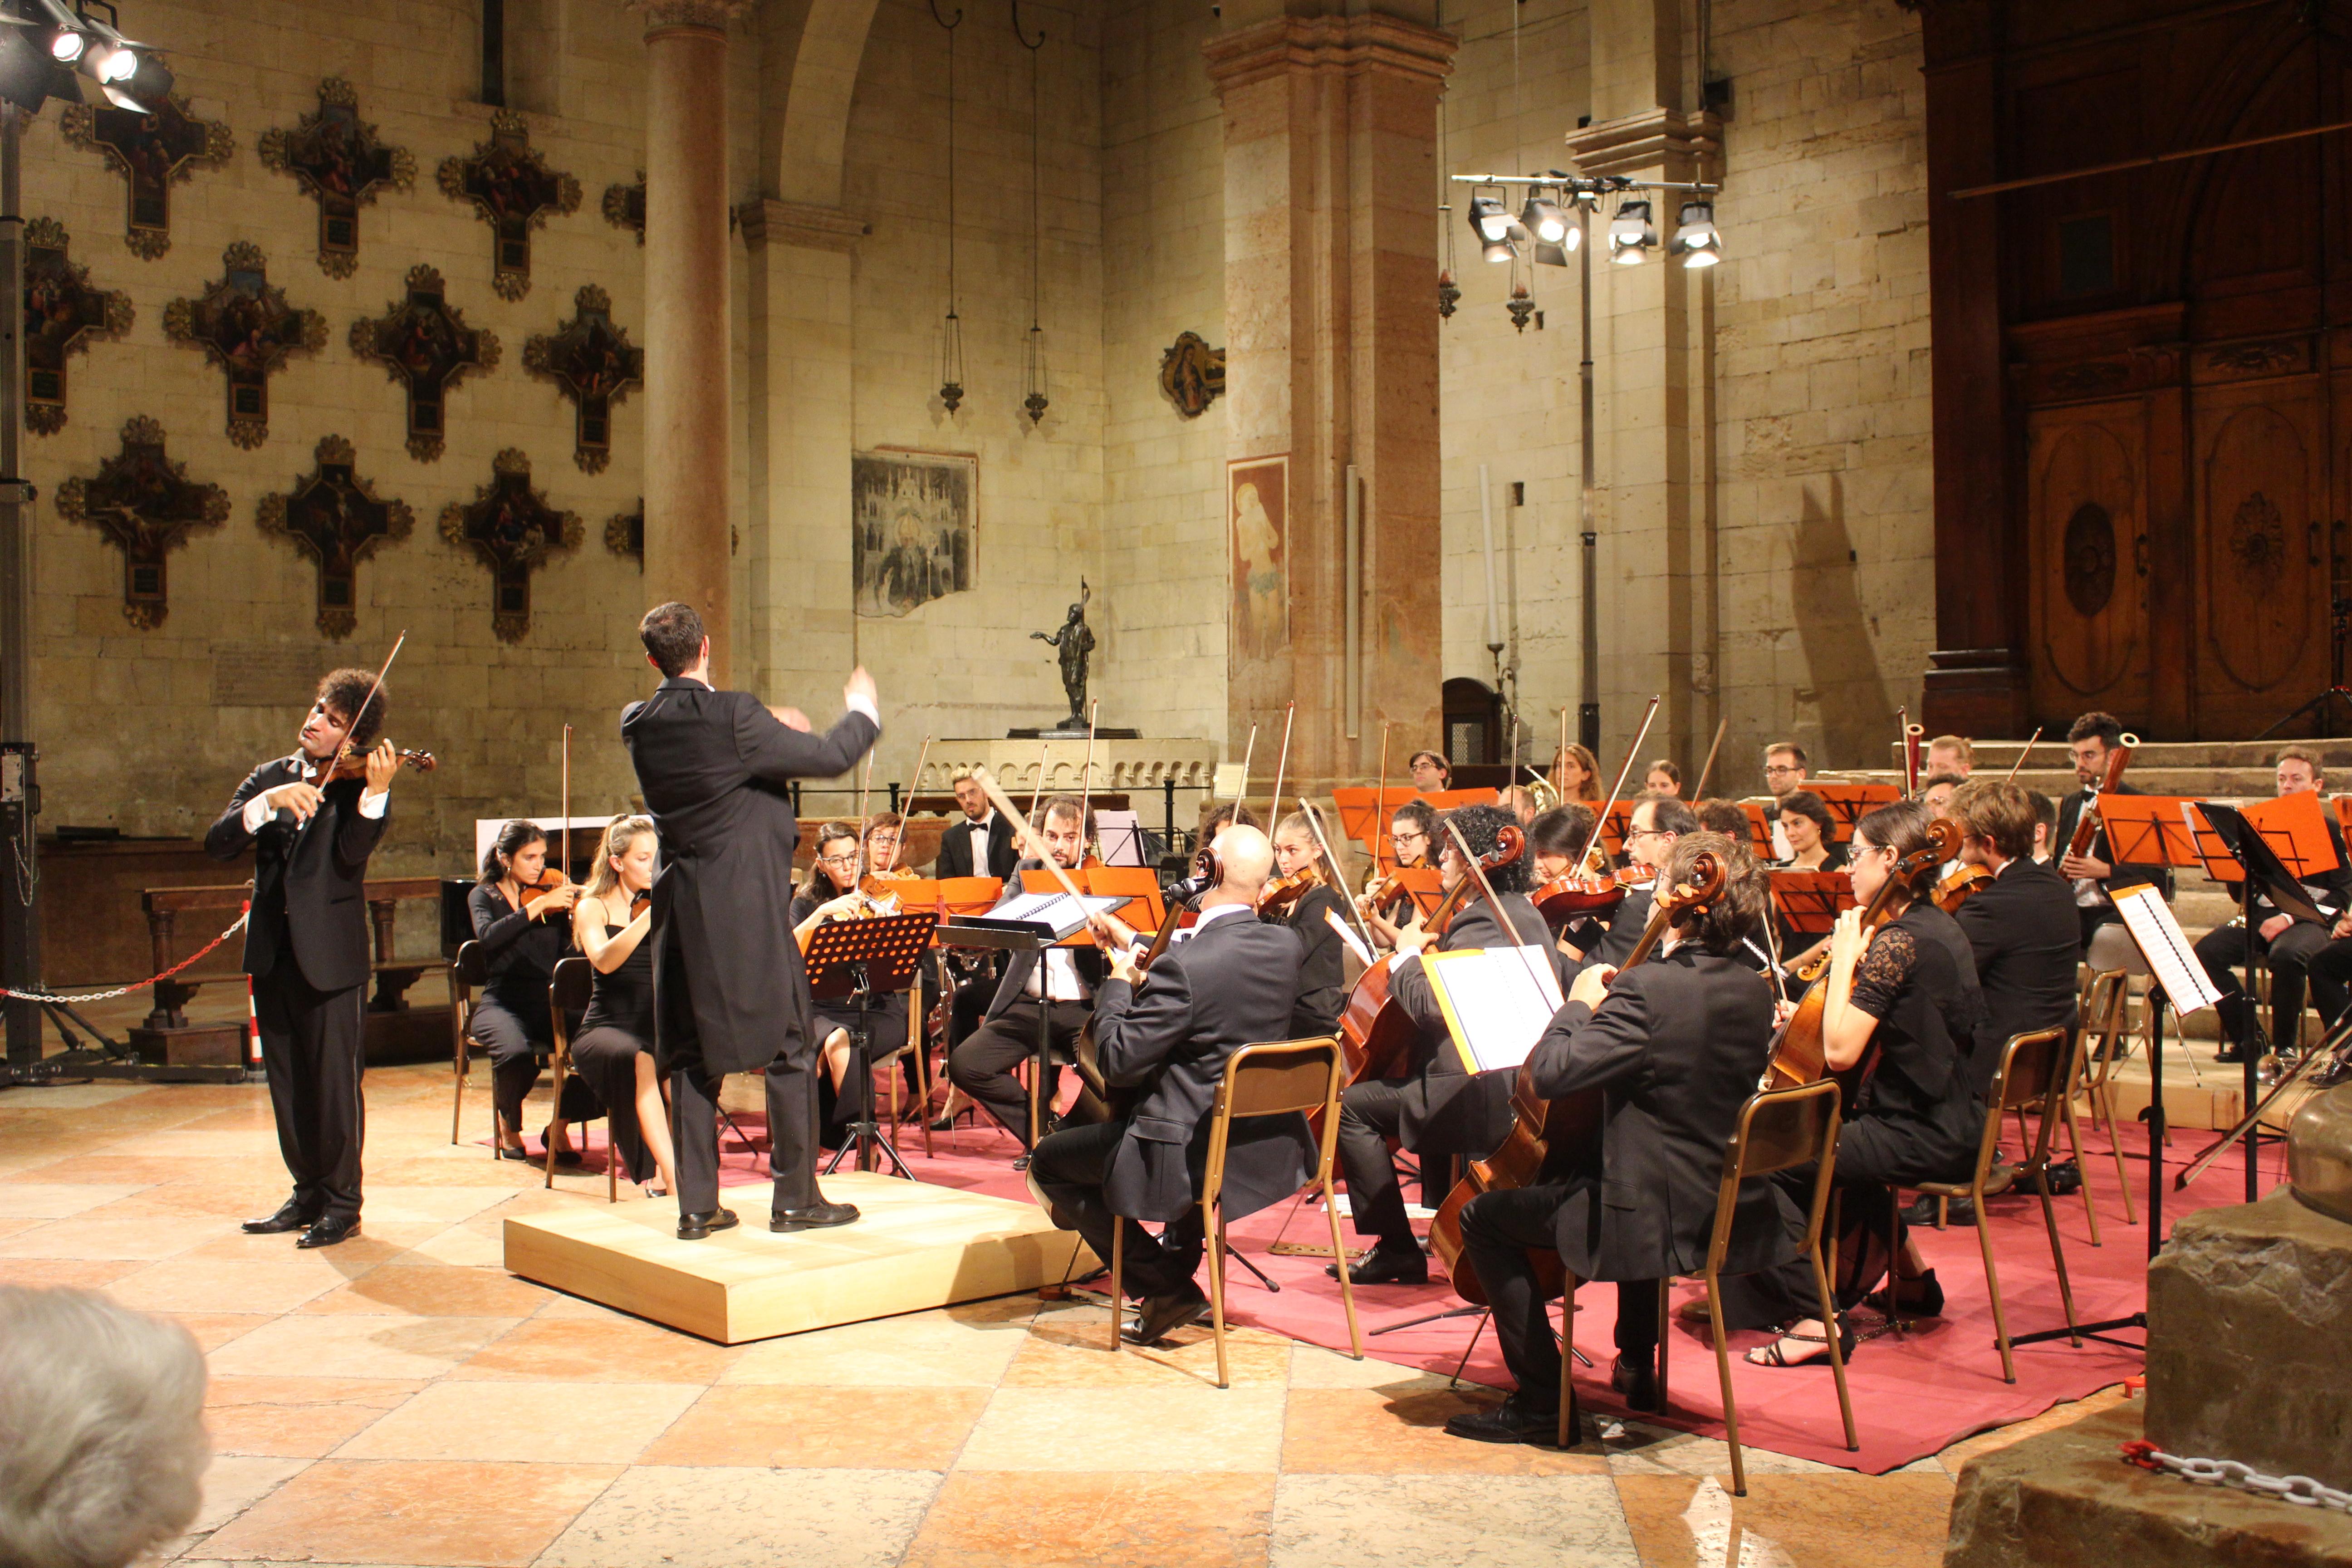 Concerto Orchestra Machiavelli Verona